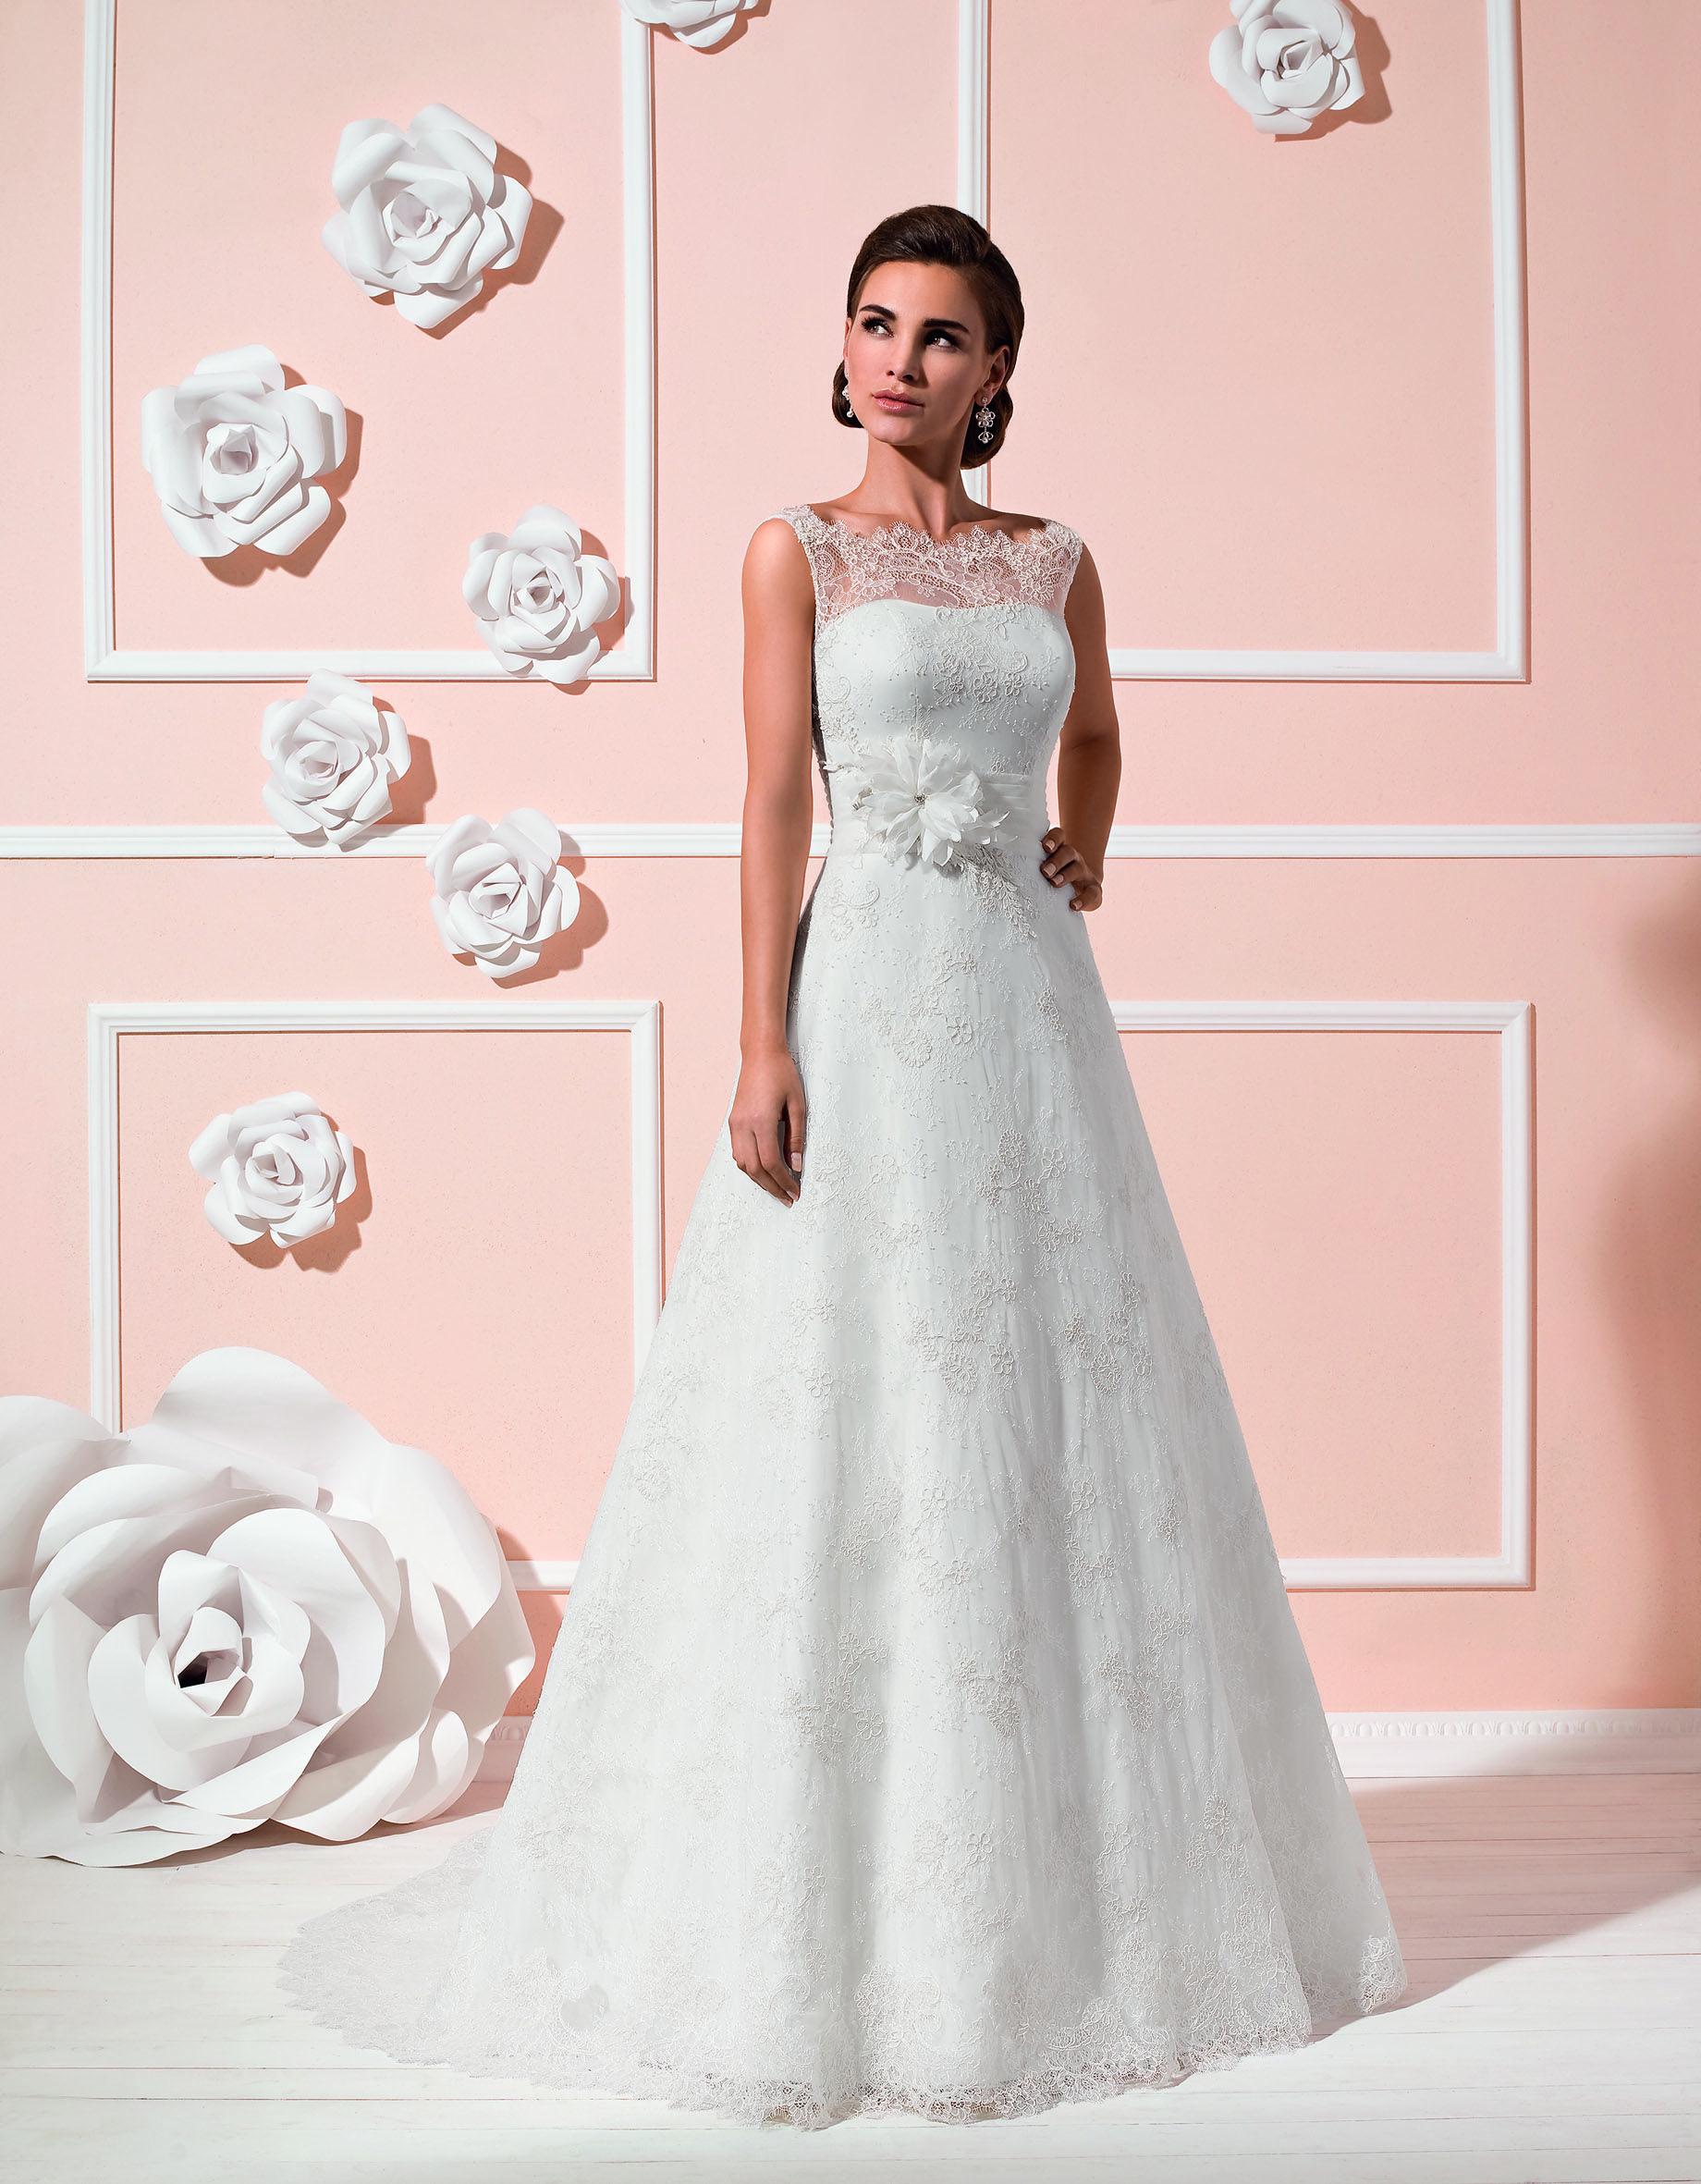 Brautkleid aus der Kollektion 2015 von Elizabeth Passion by Mode de ...